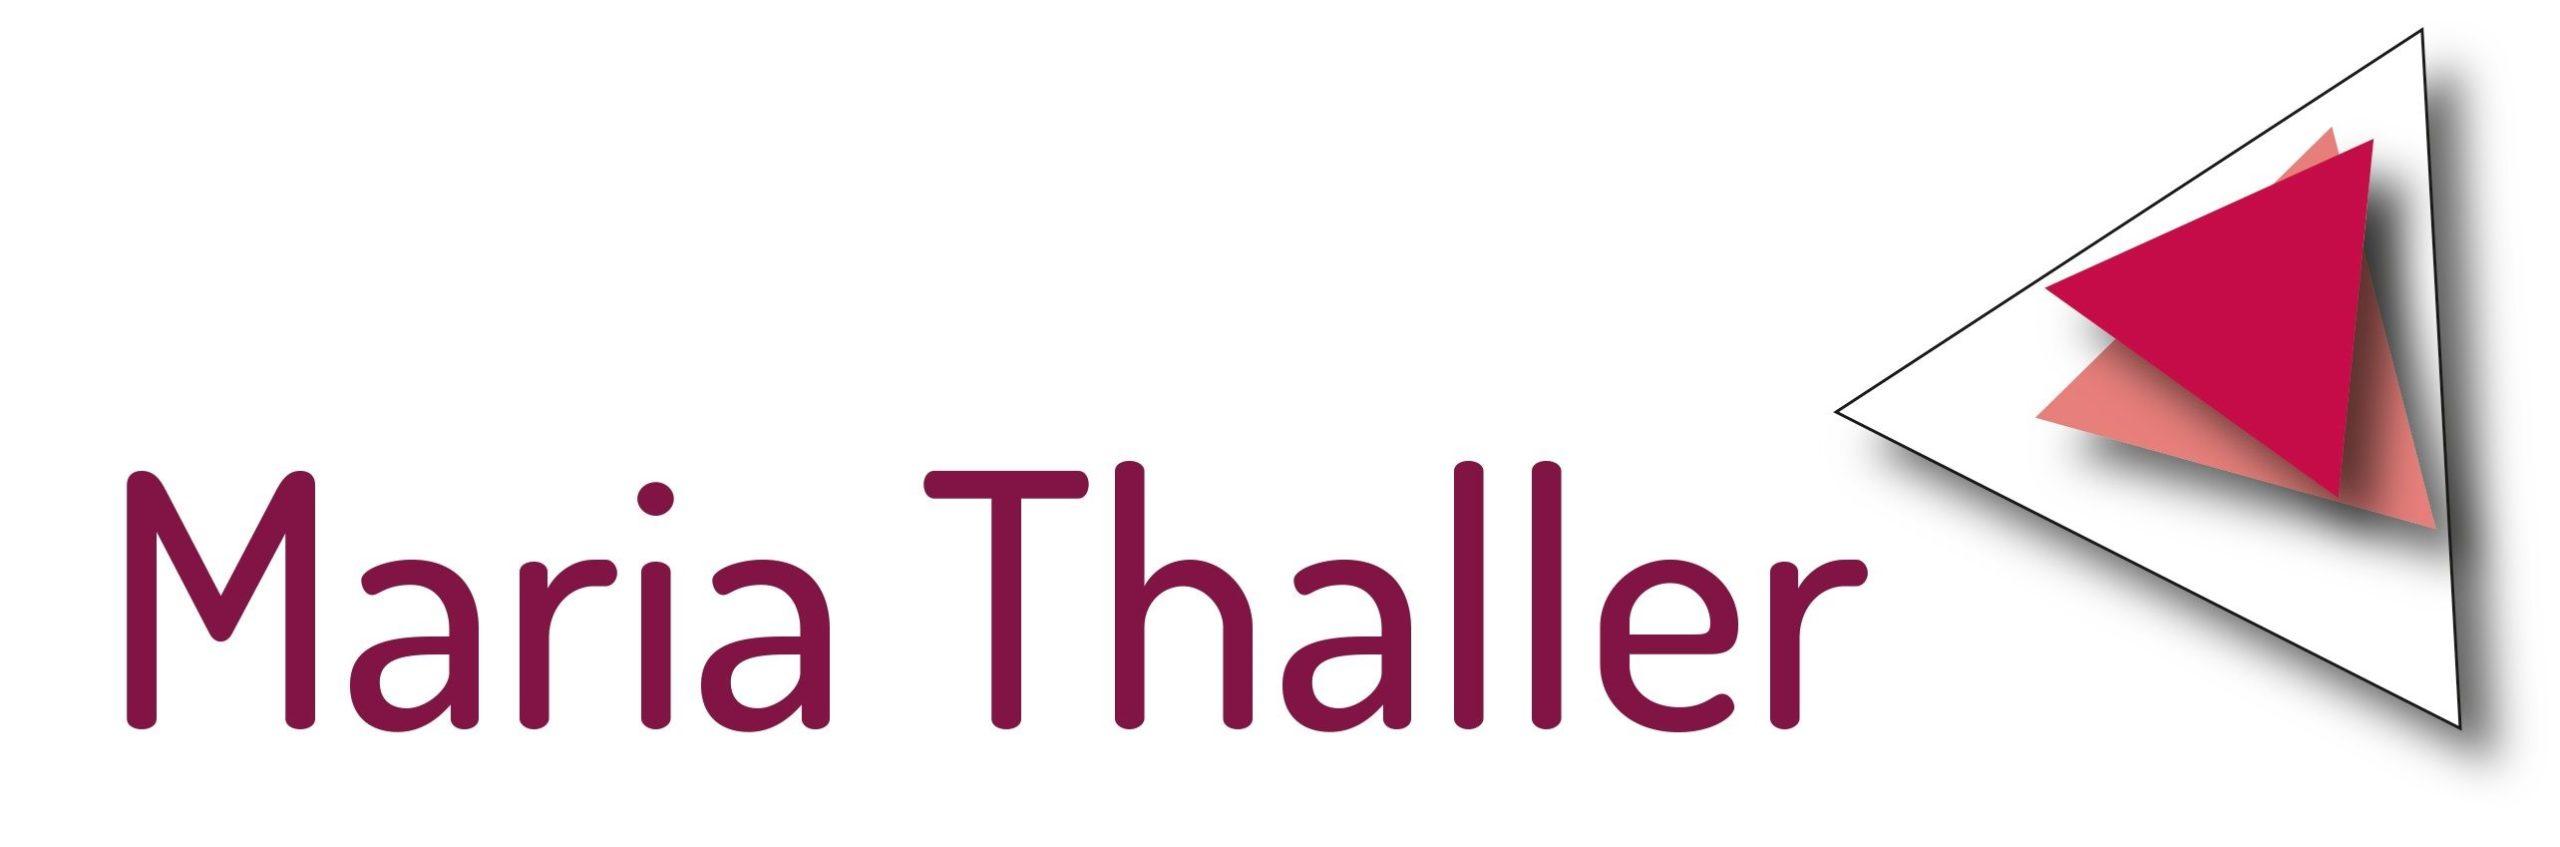 Maria Thaller Expertin für Personal- und Organisationsentwicklung